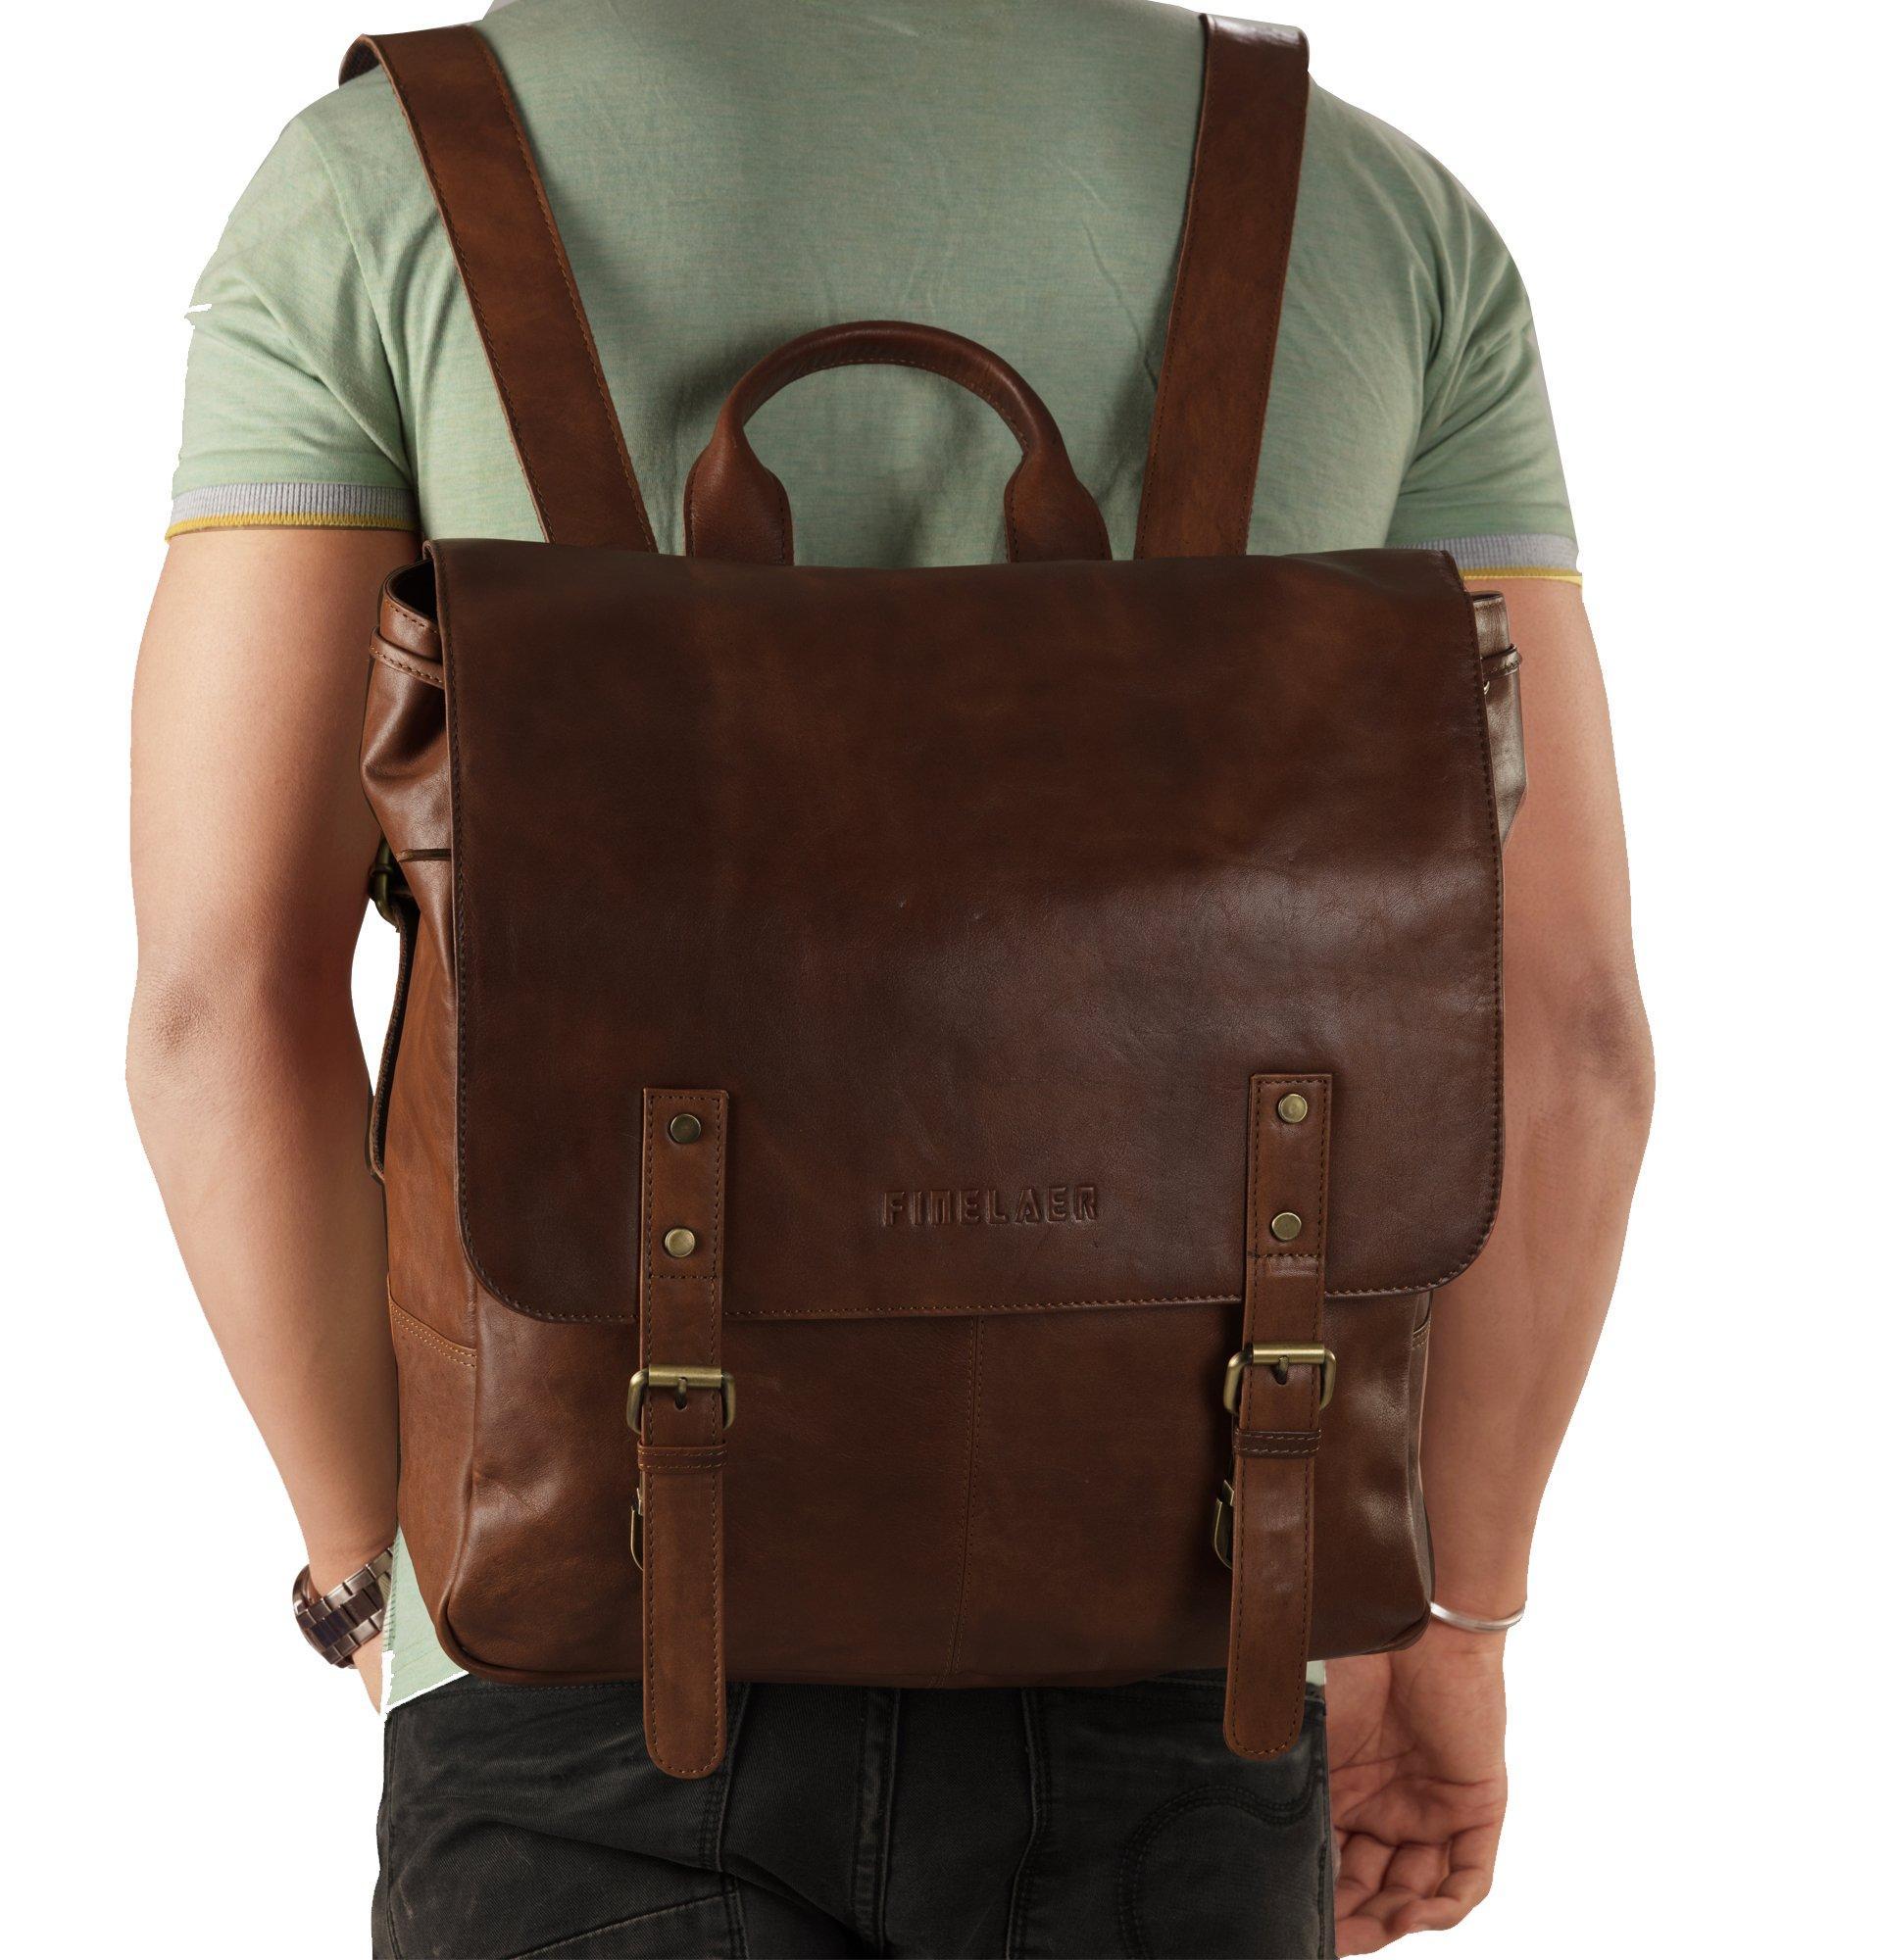 Finelaer Vintage Brown Laptop Backpack Daypack Rucksack Travel Hiking Bag Men Women by FINELAER (Image #3)